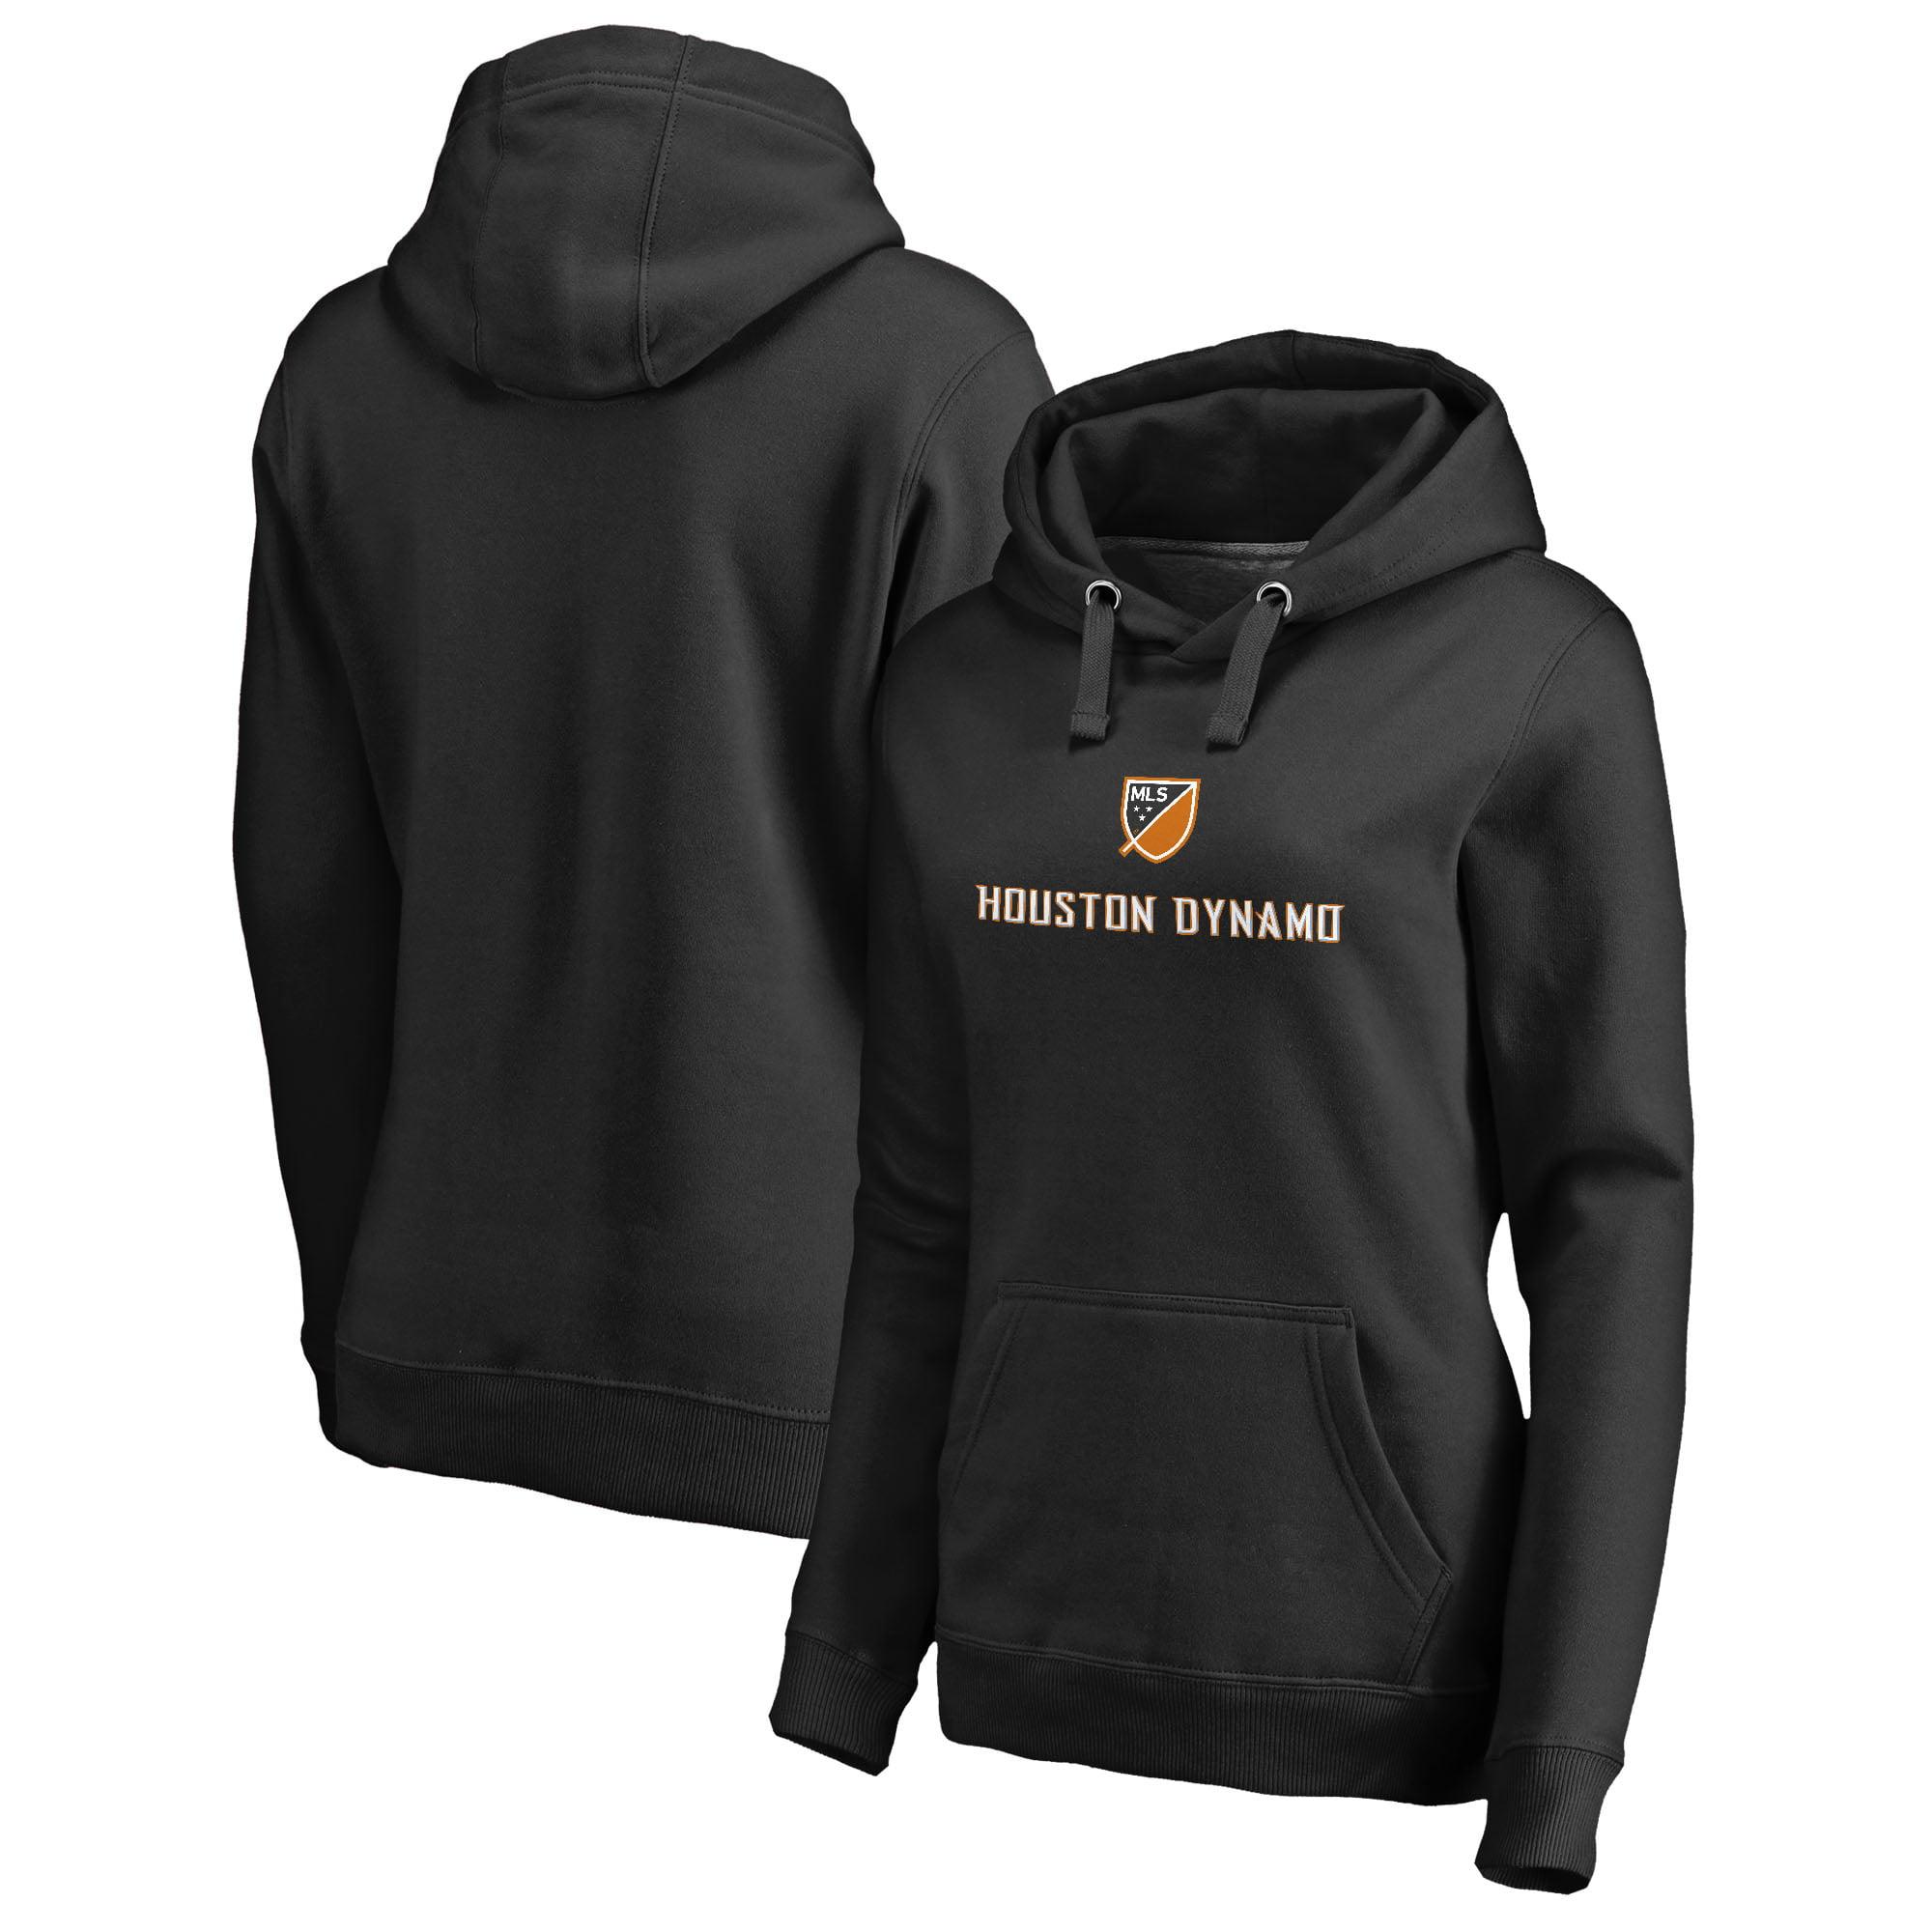 Houston Dynamo Fanatics Branded Women's Shielded Pullover Hoodie - Black